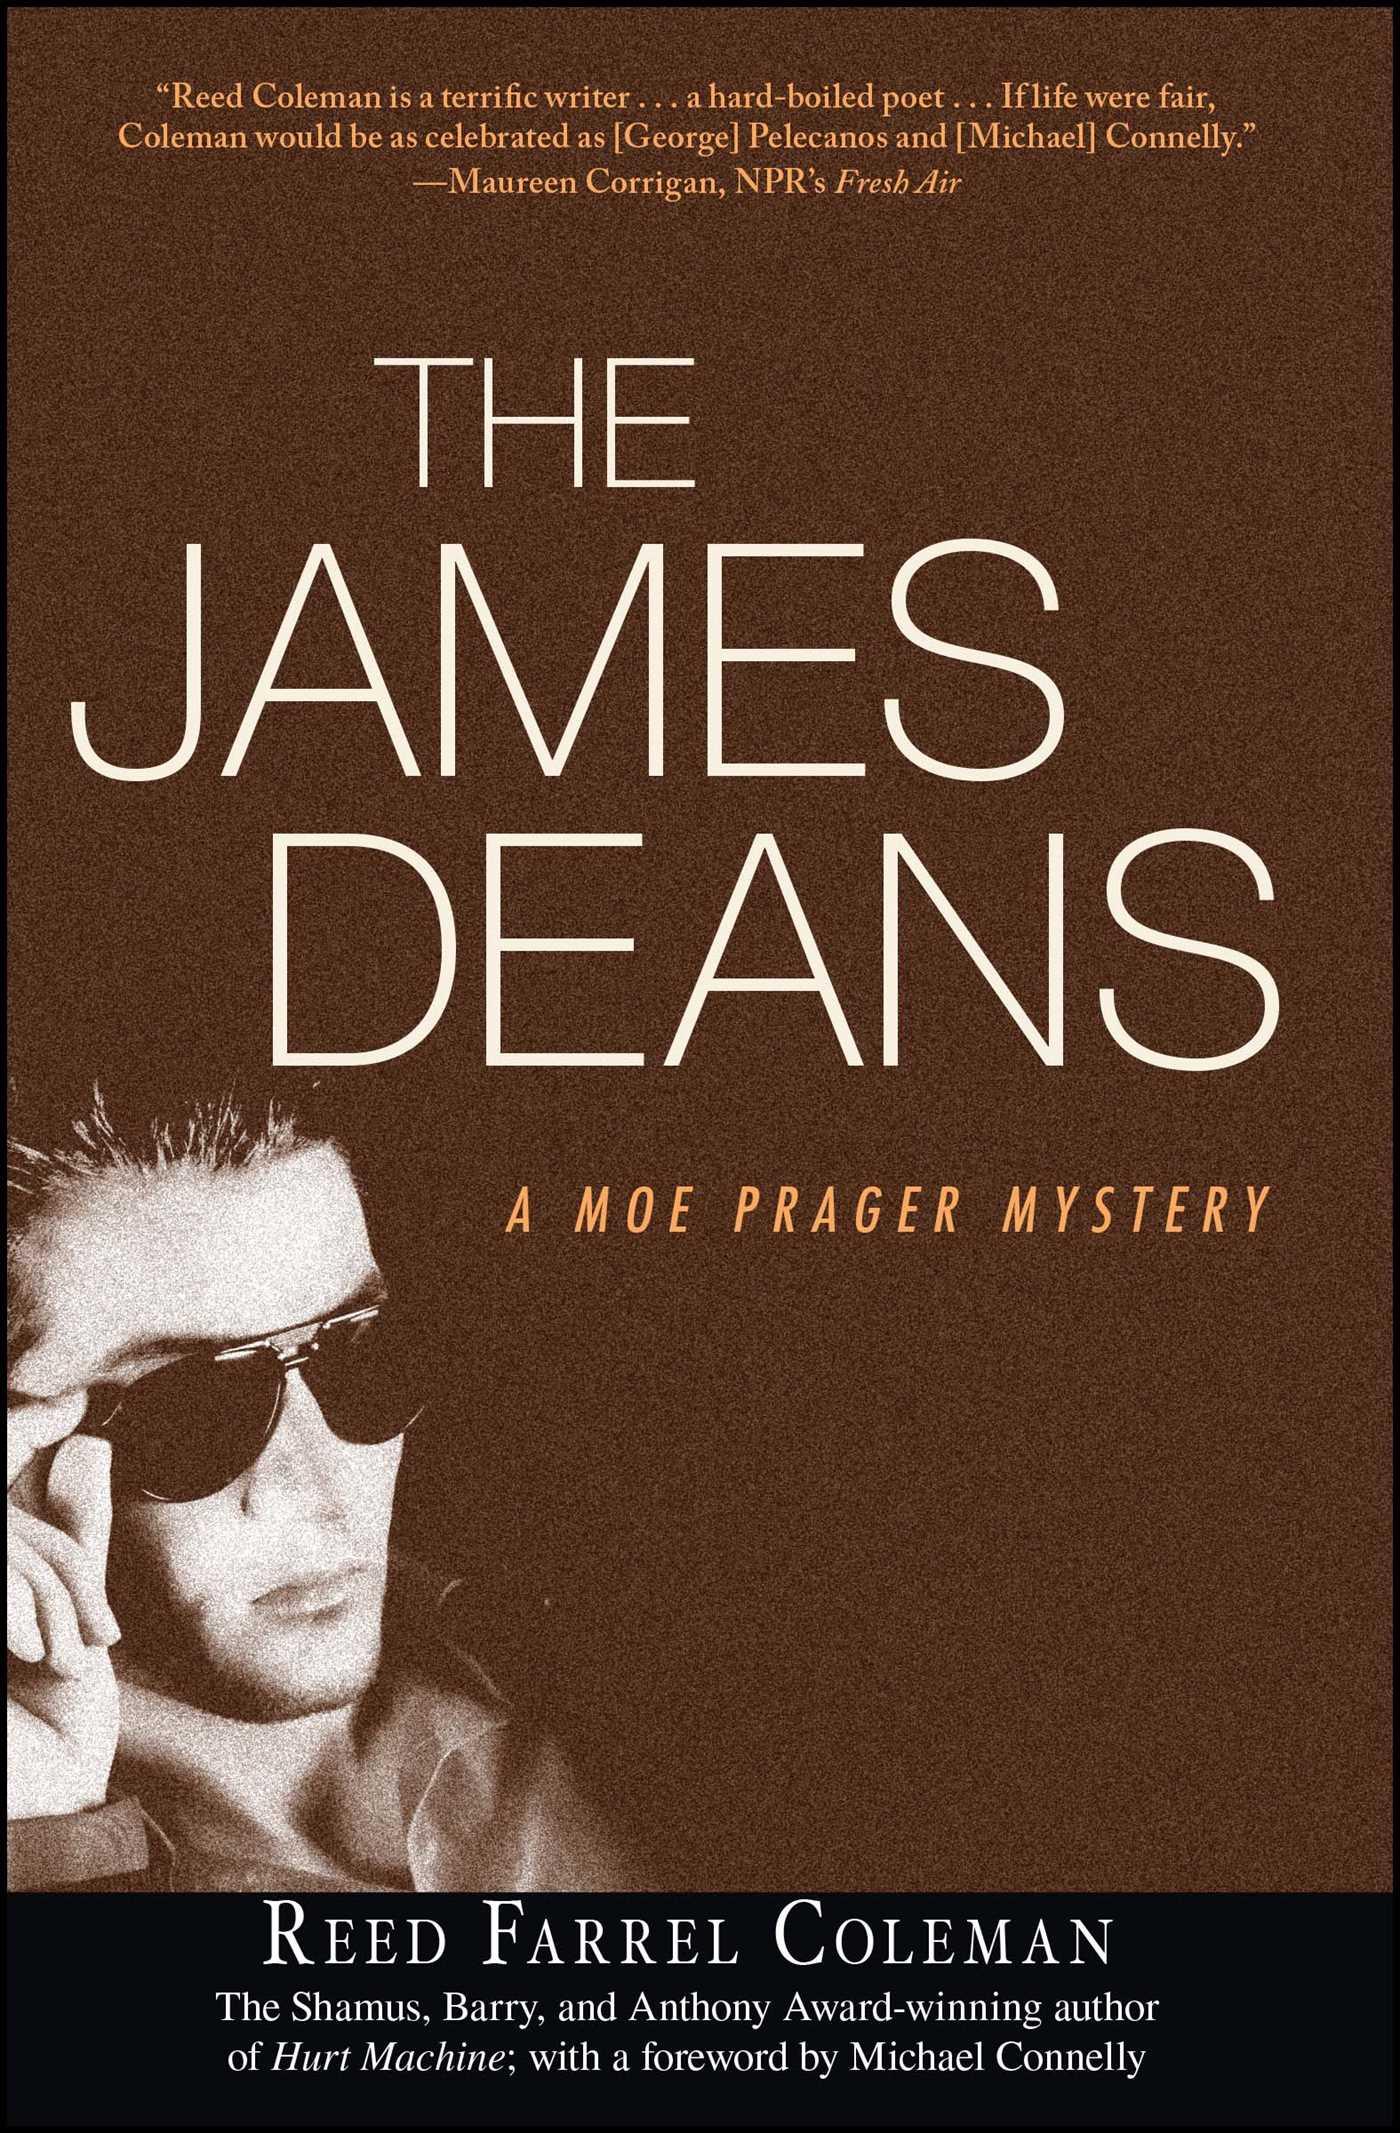 The james deans 9781440541018 hr